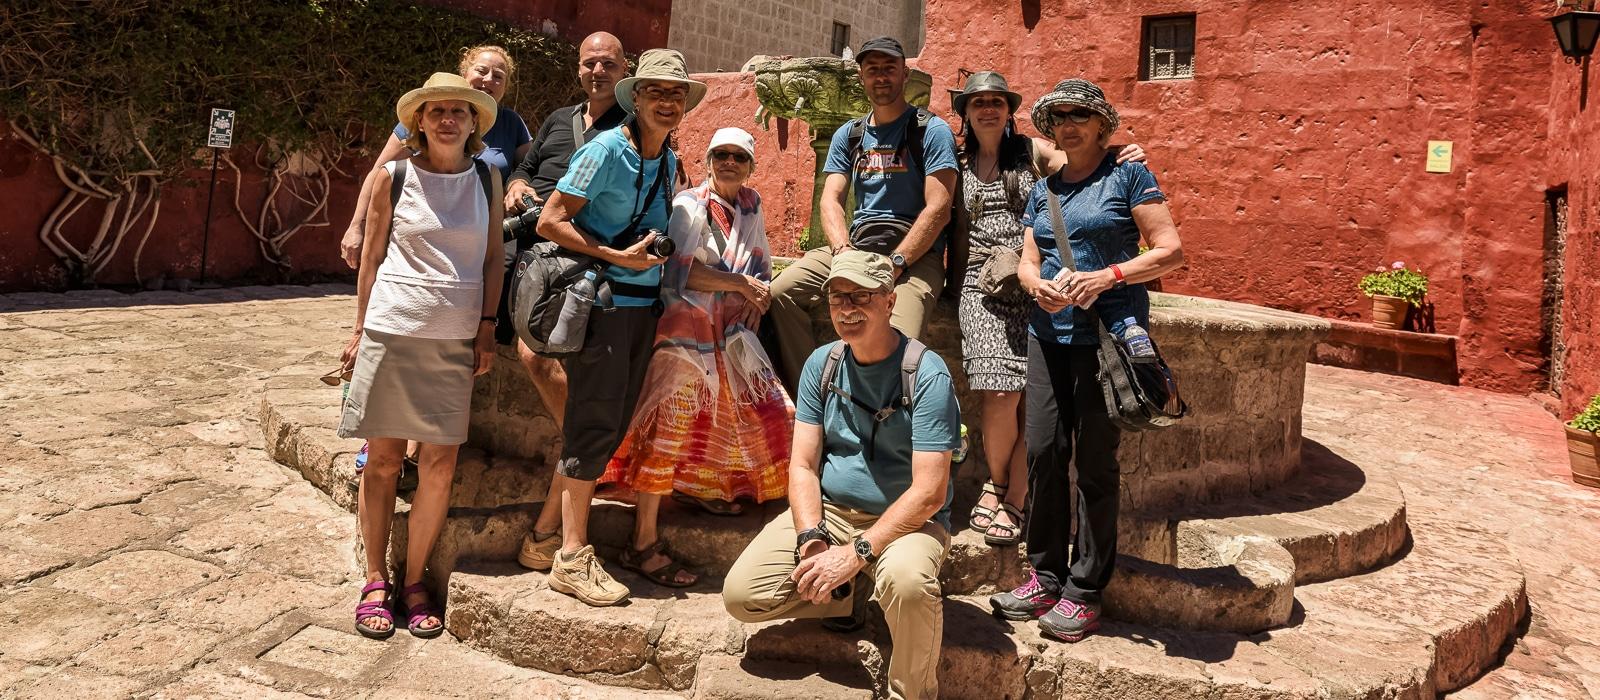 Monastère de santa catalina, Arequipa, Pérou - Voyage organisé en petit groupe offert par l'agence de voyage Les routes du Monde